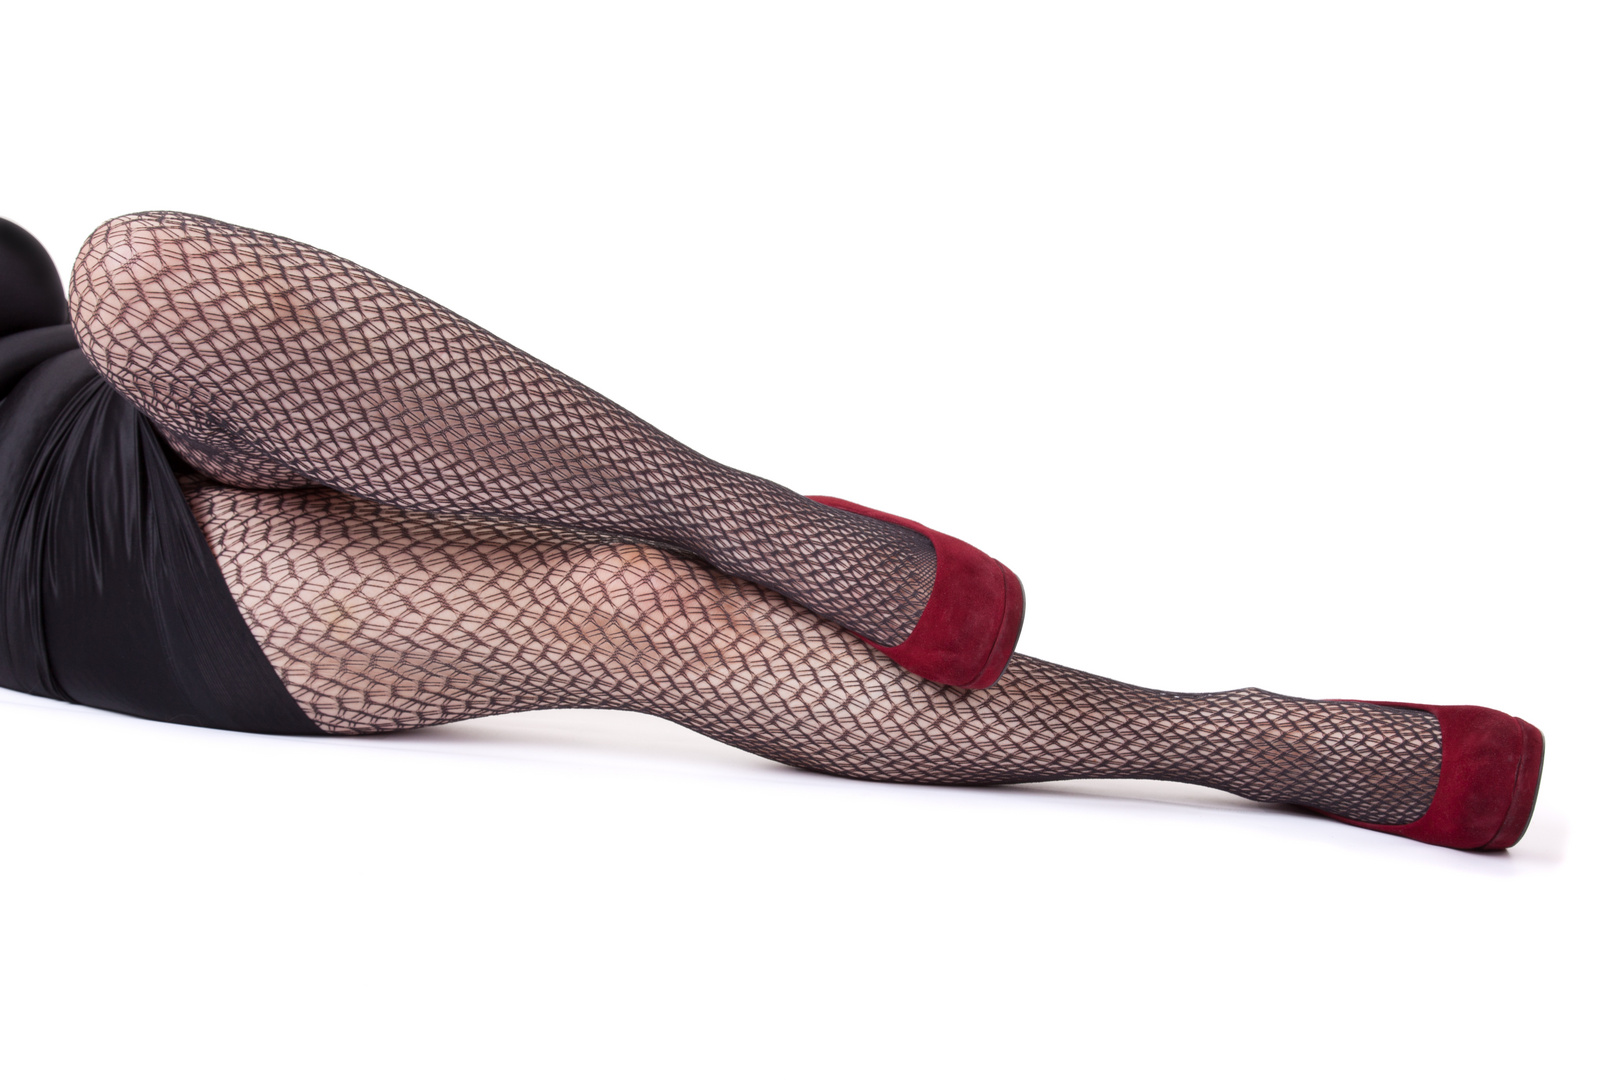 Frauenbeine in roten Schuhen